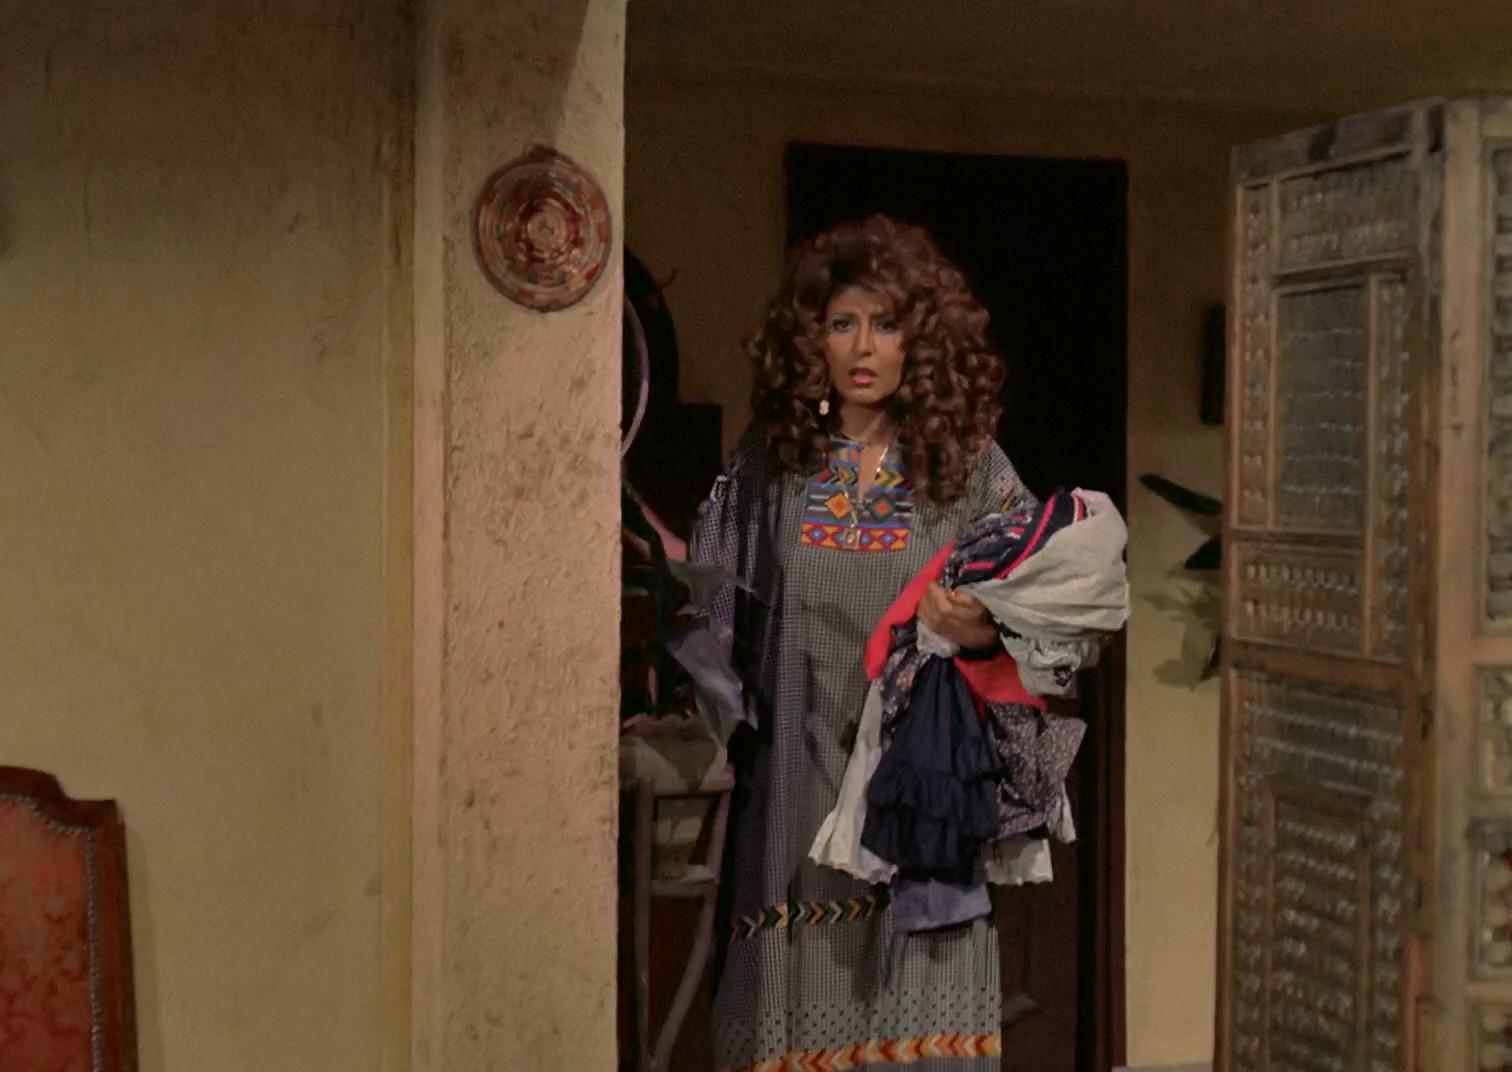 [فيلم][تورنت][تحميل][صراع العشاق][1981][1080p][Web-DL] 5 arabp2p.com